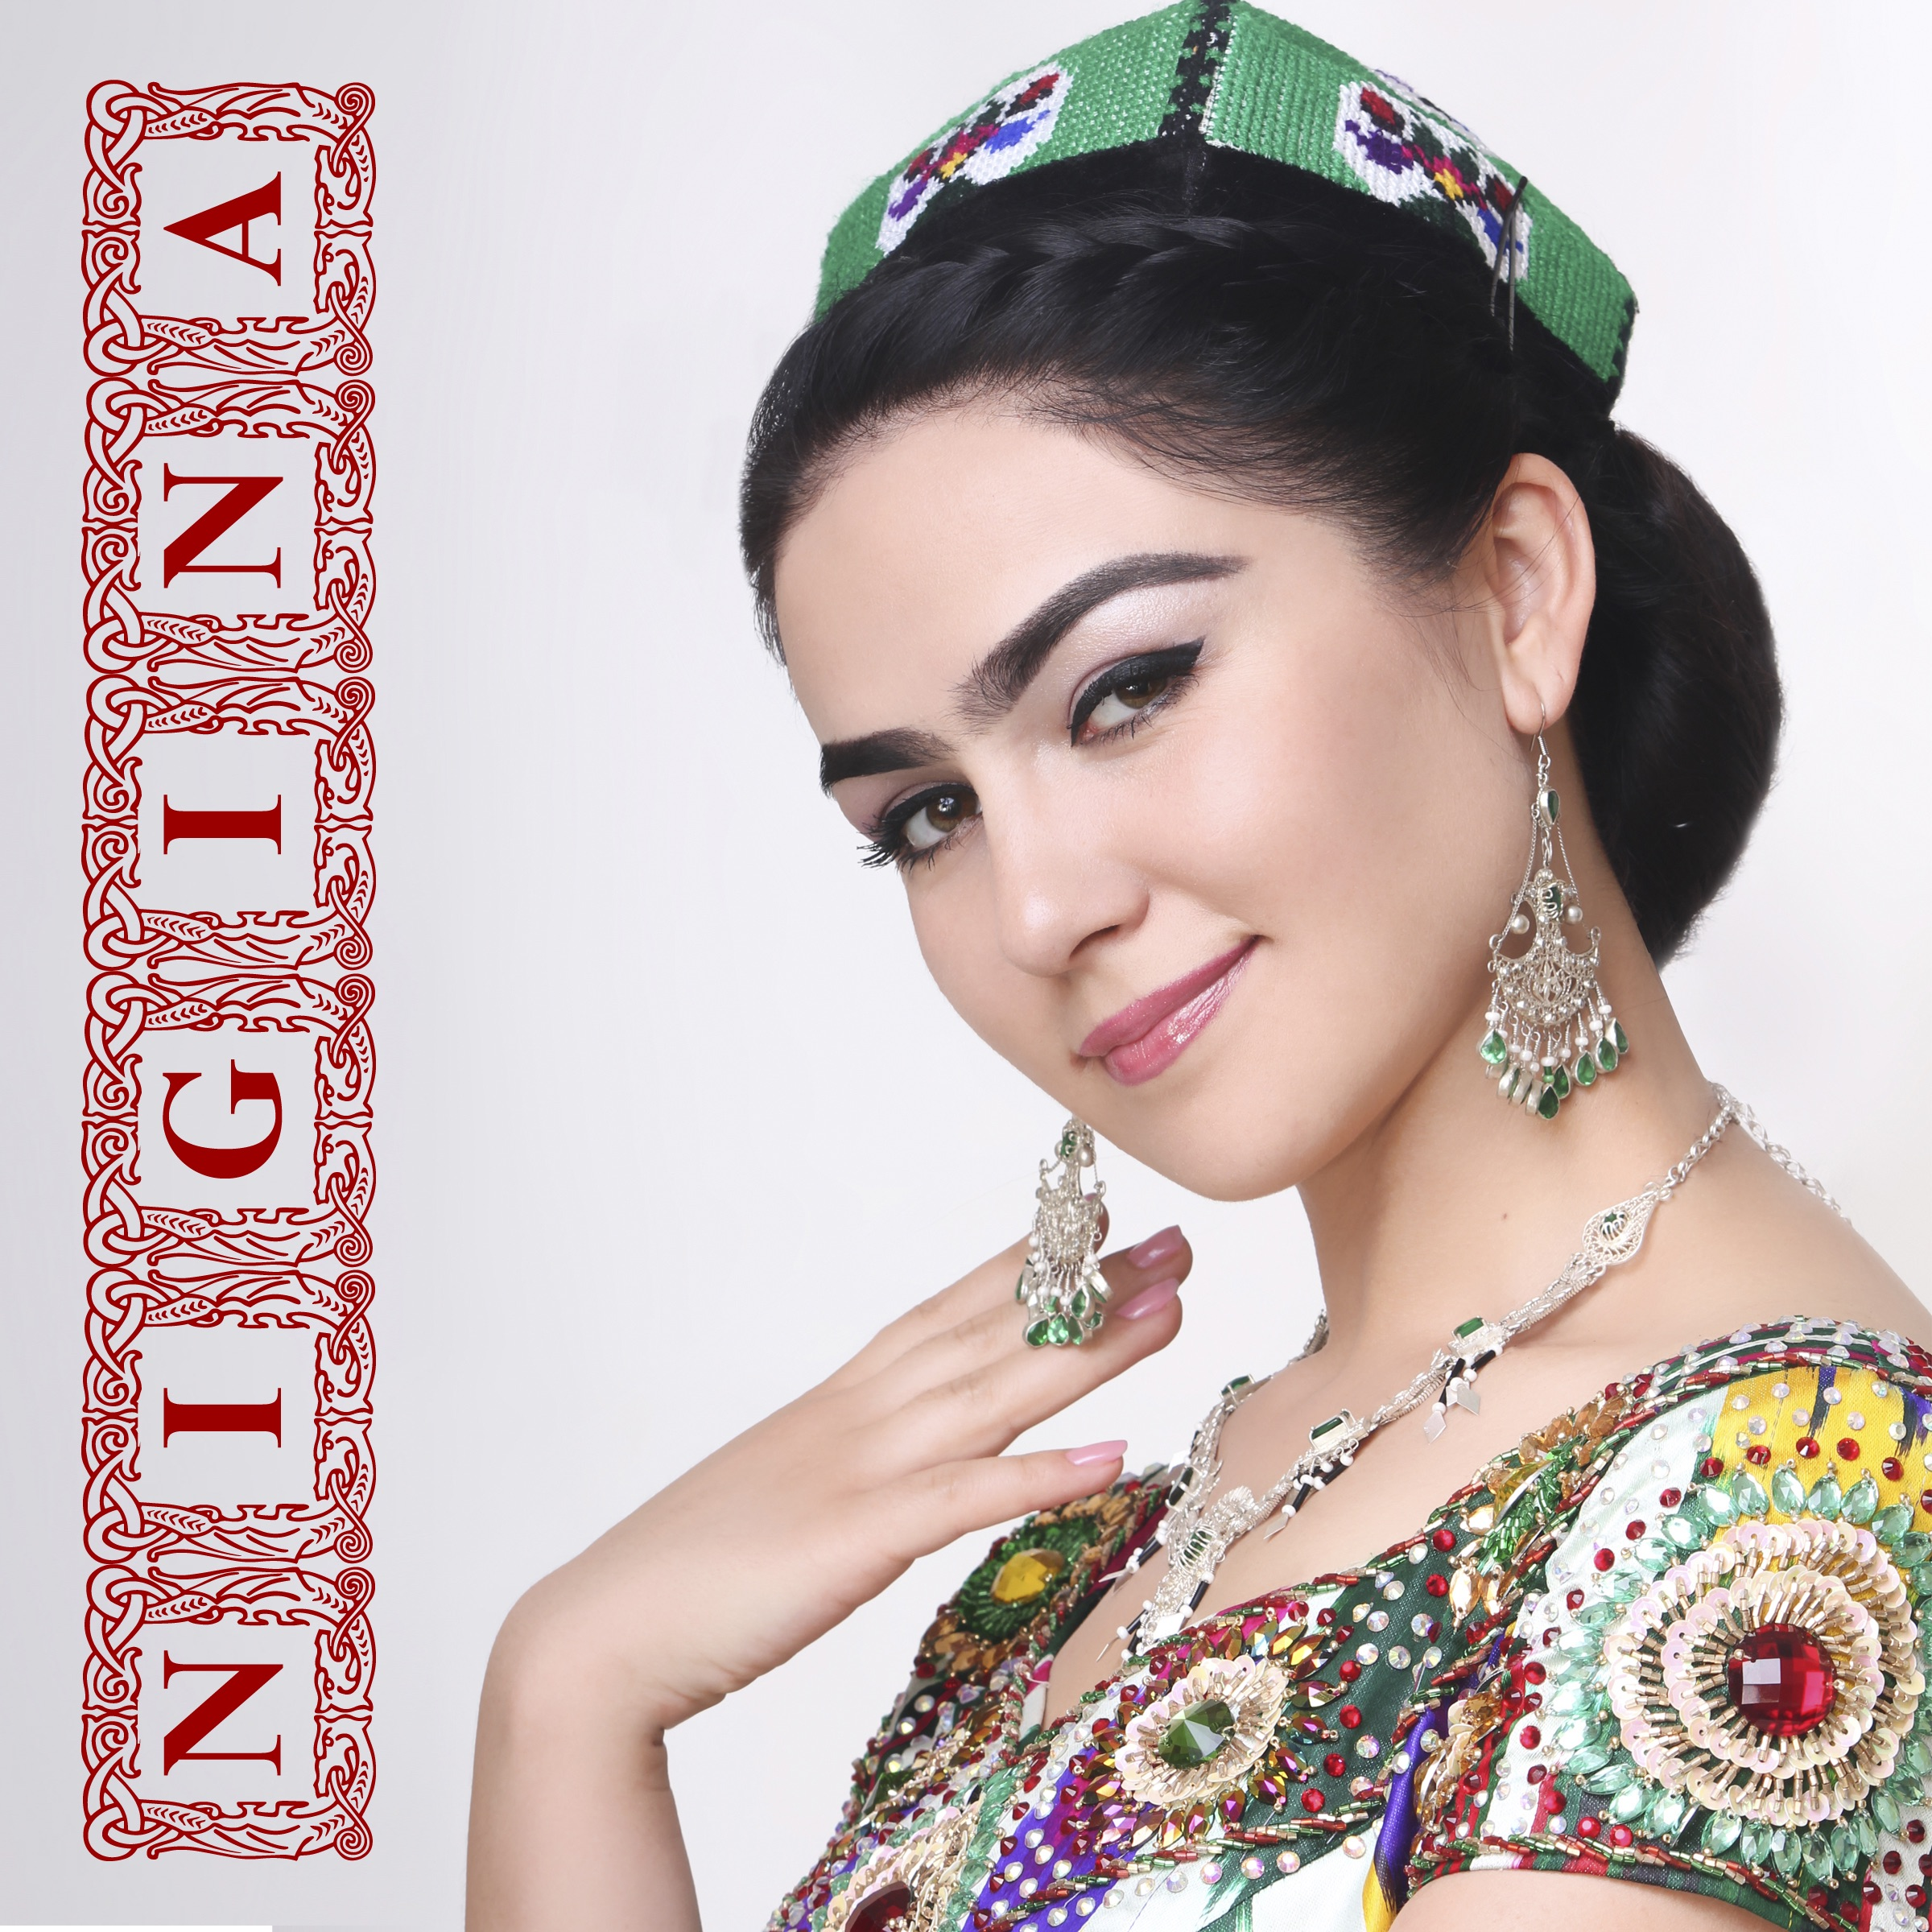 Секс таджикскую девочку 3 фотография